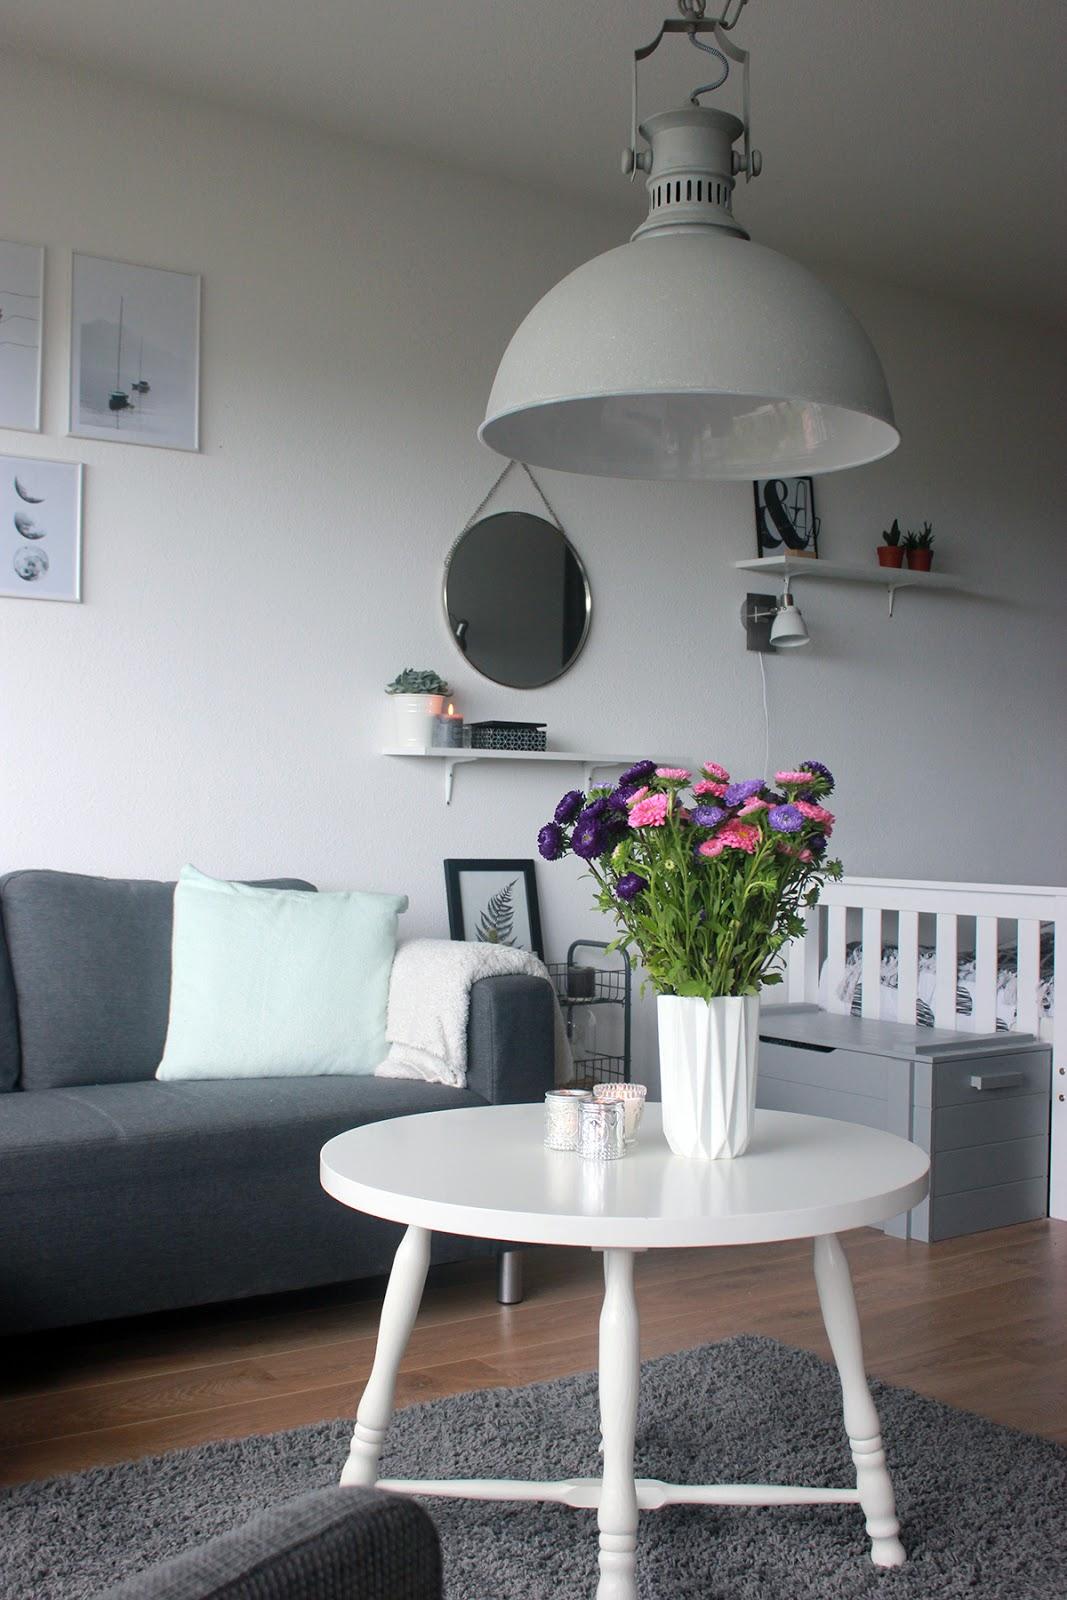 Een nieuwe lamp in de woonkamer - The Budget Life